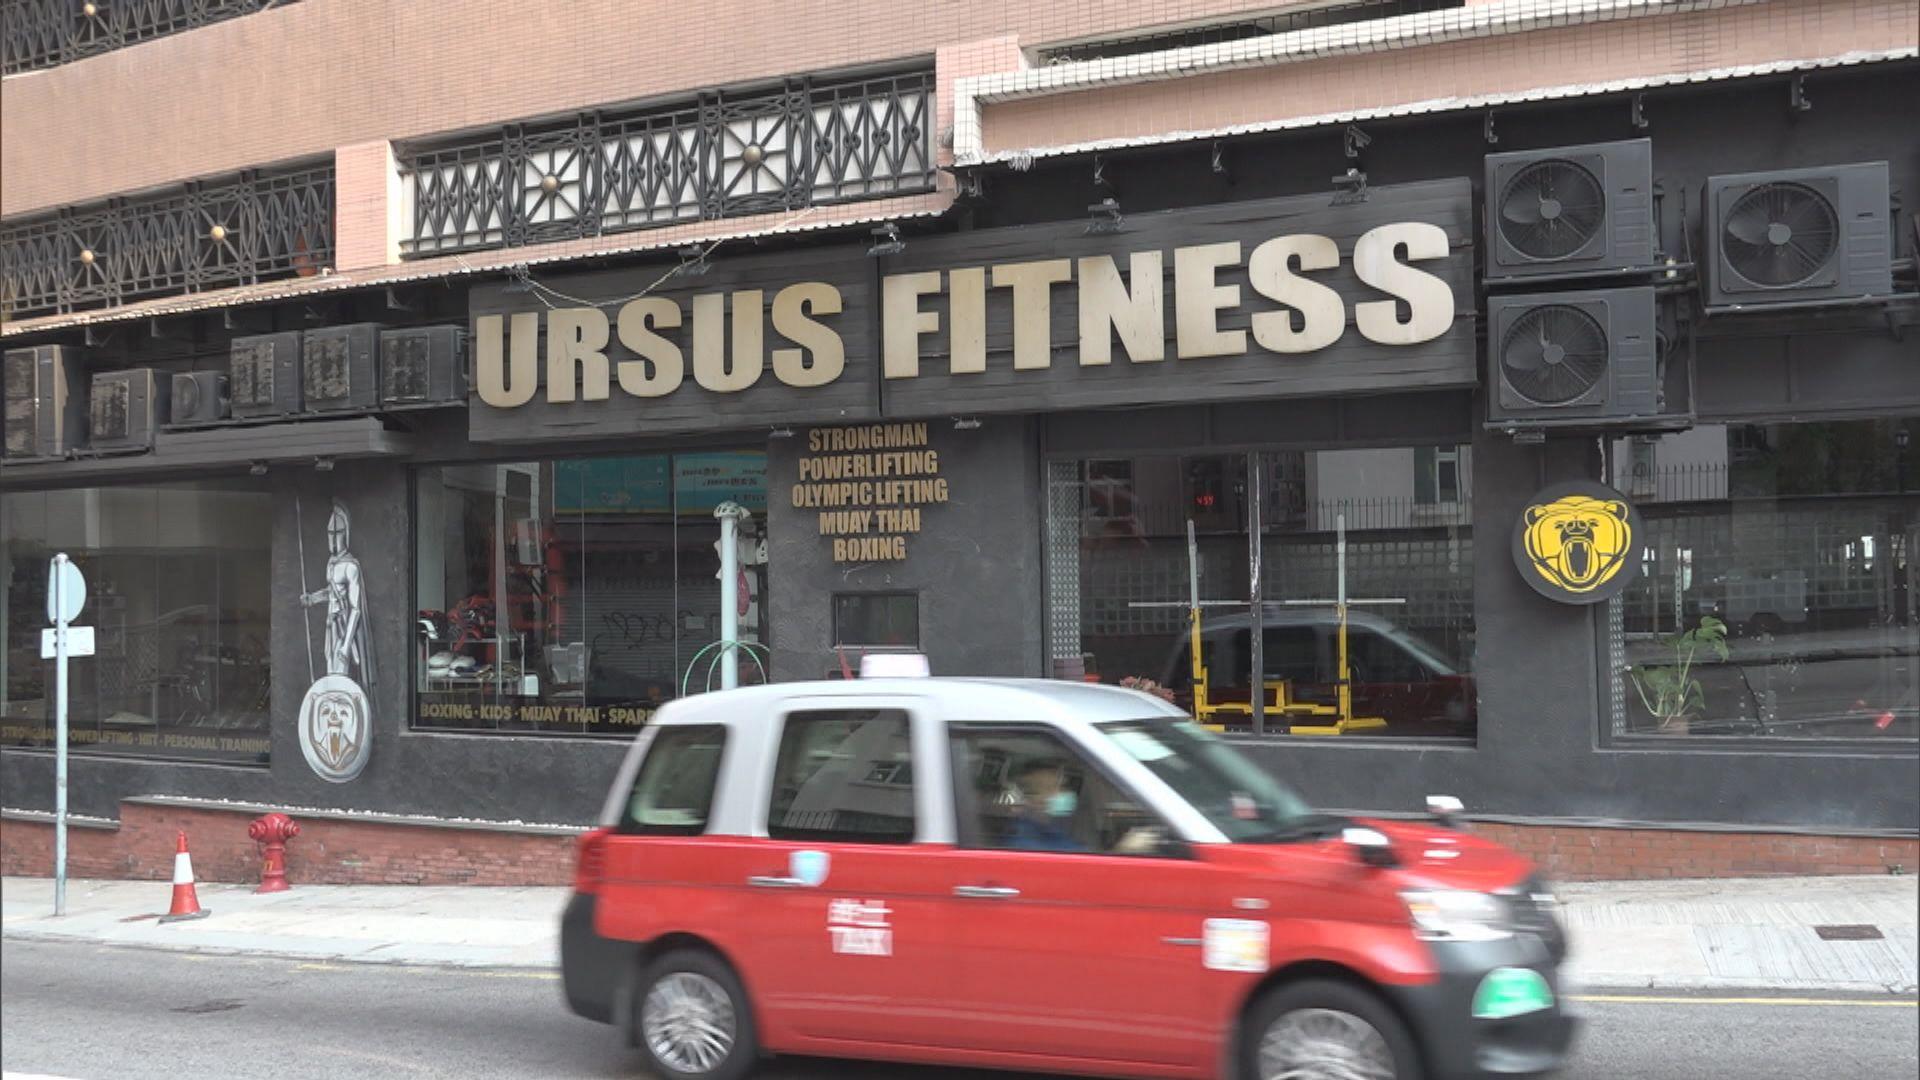 西營盤健身室URSUS FITNESS增至十人染疫